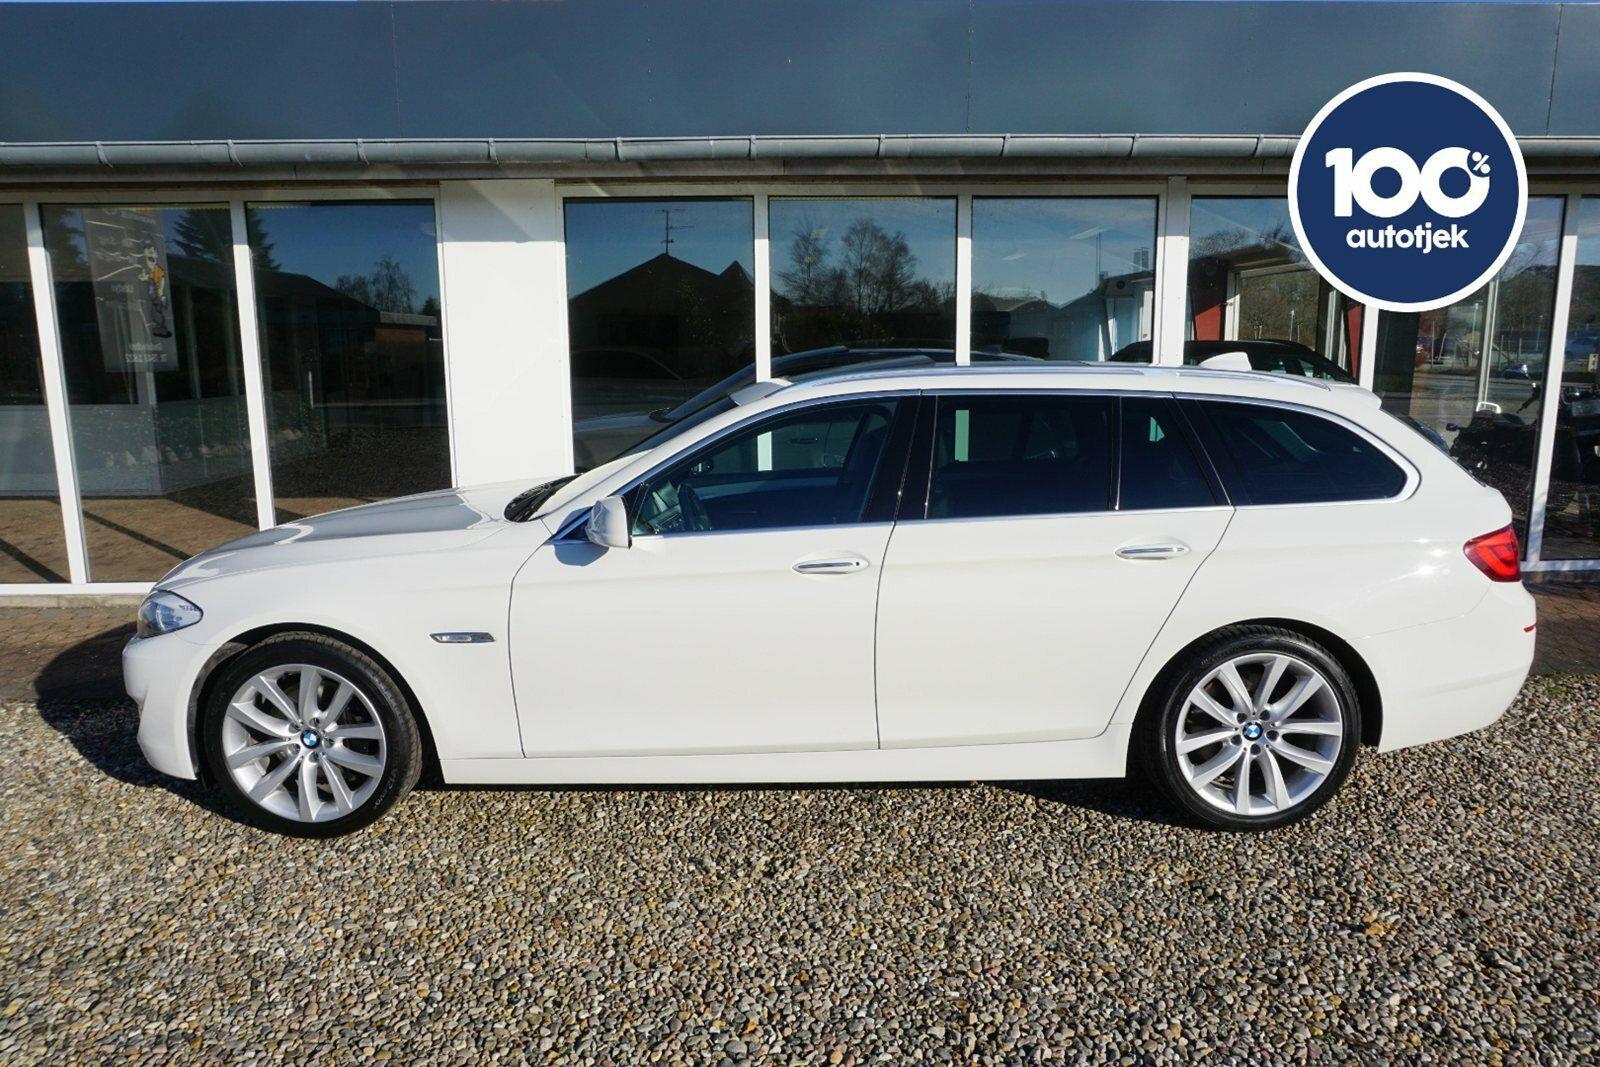 BMW 535d 3,0 Touring xDrive aut. 5d - 2.448 kr.